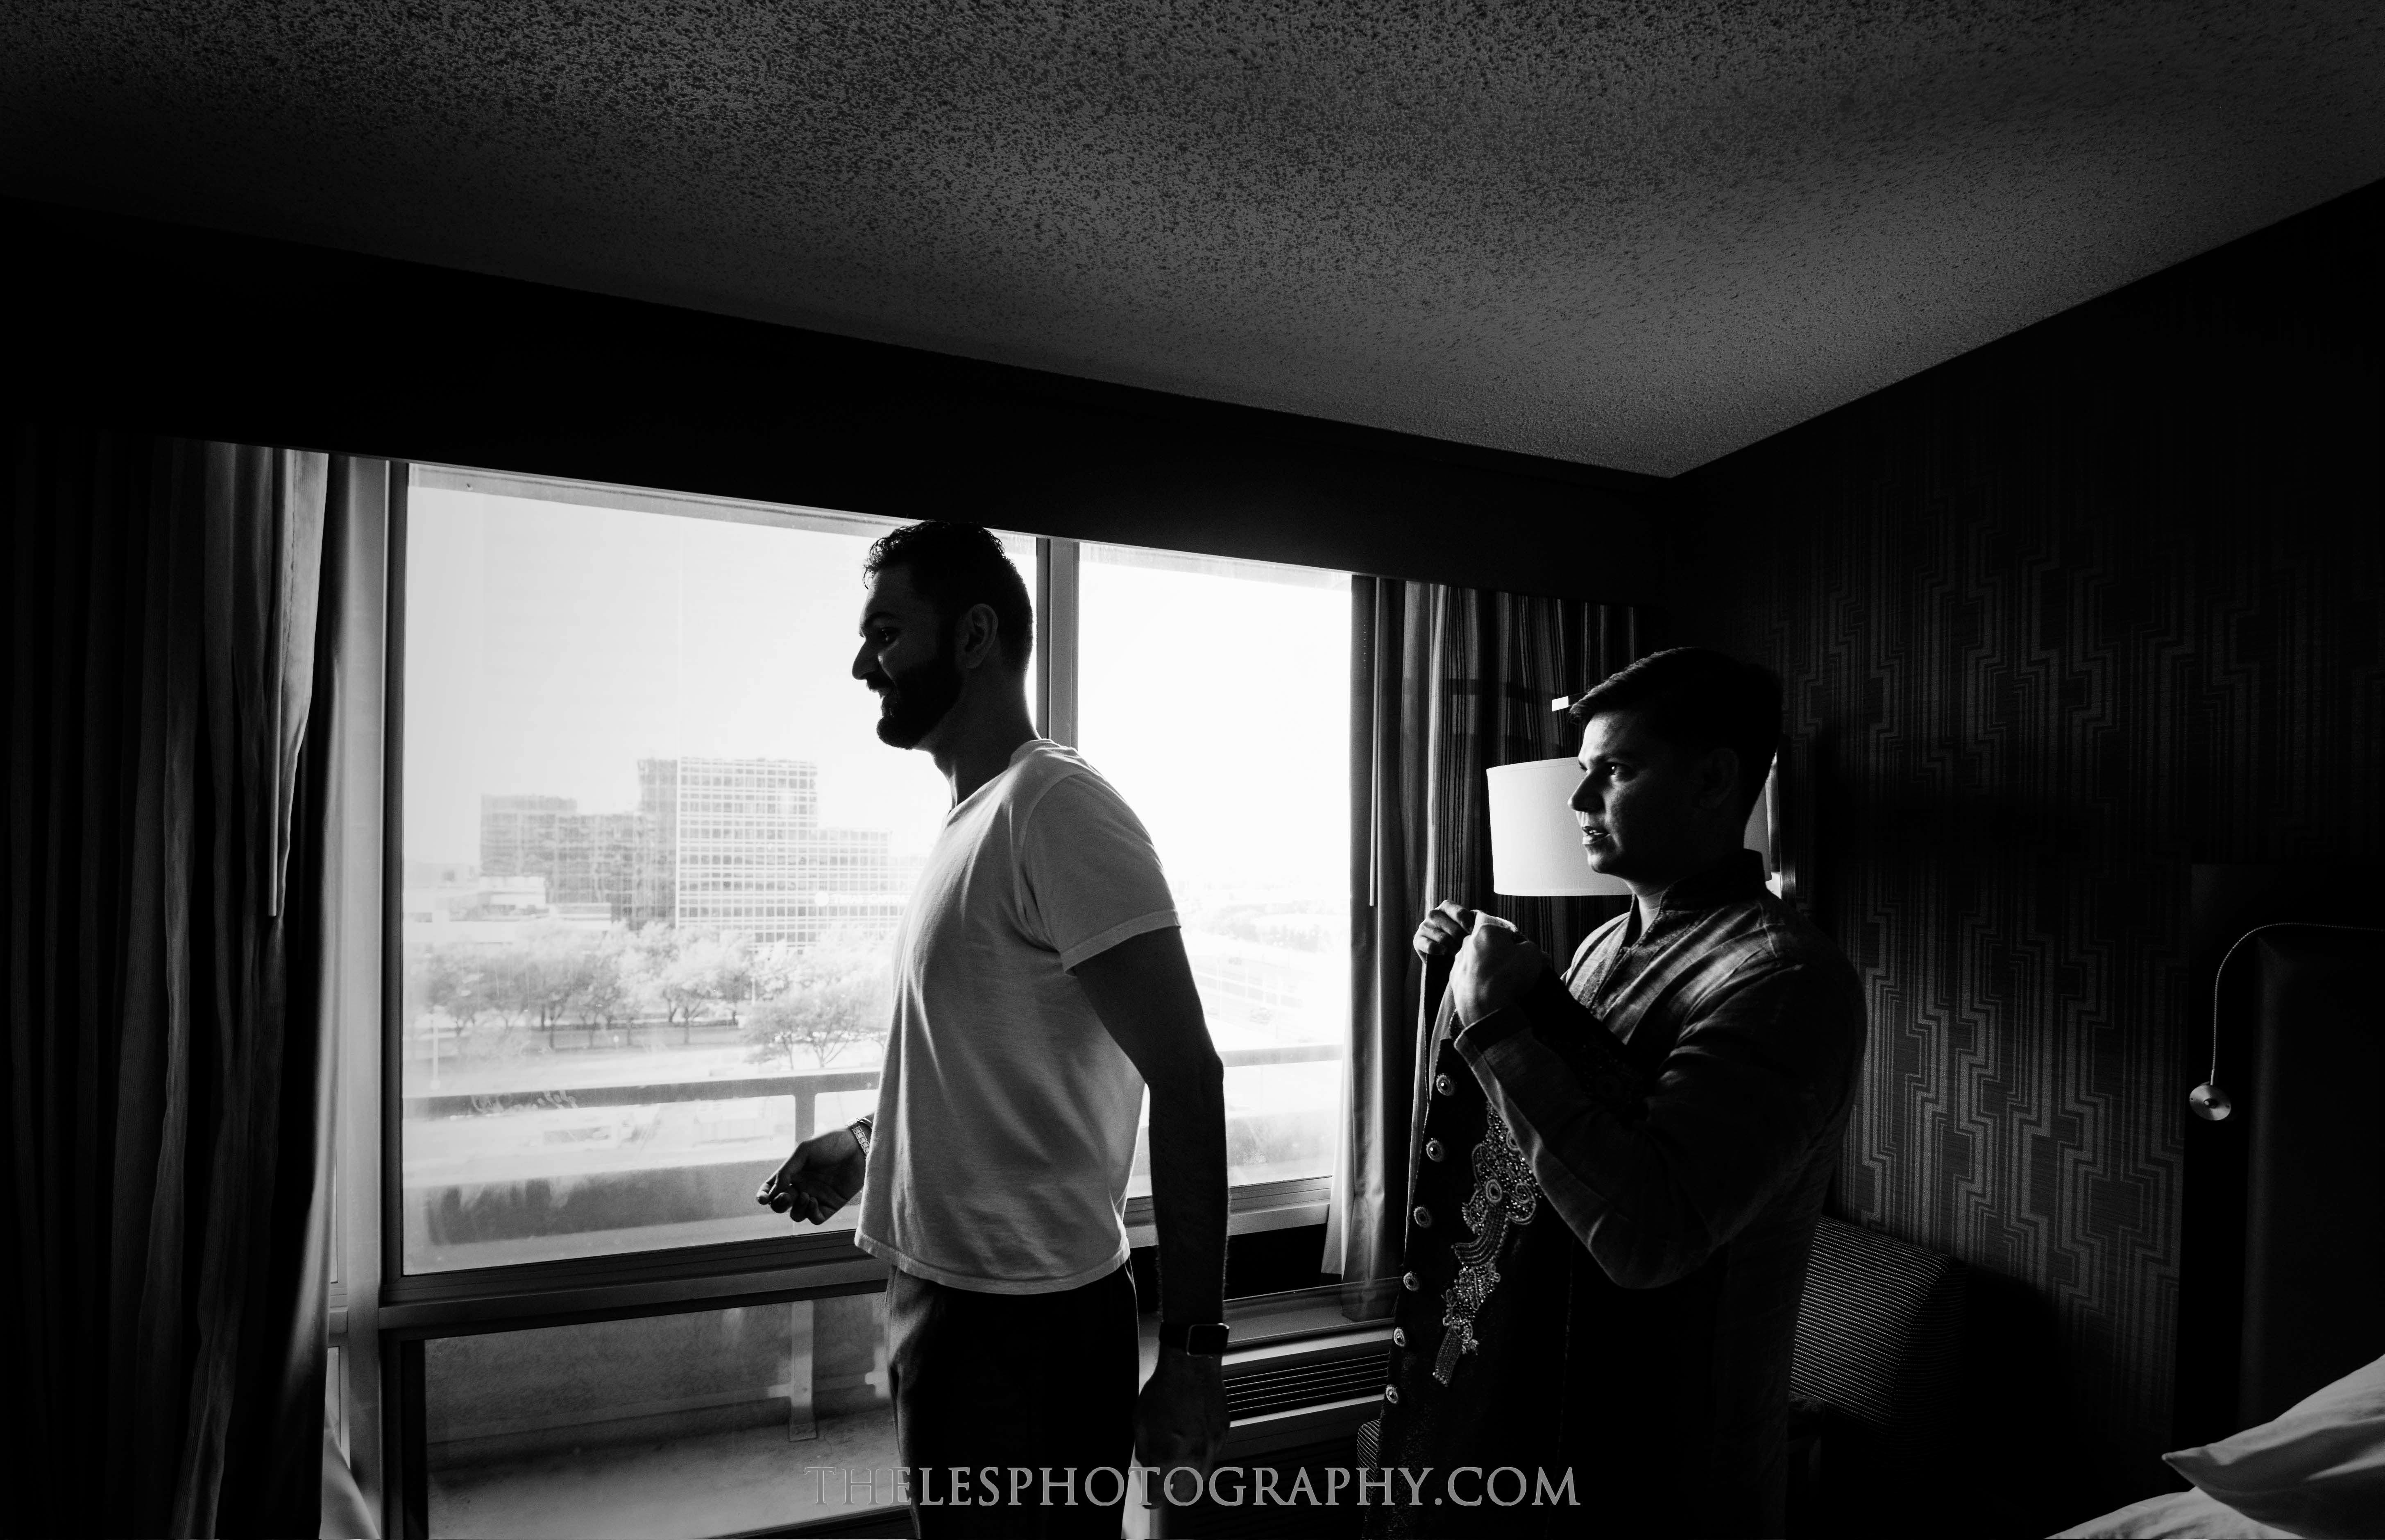 The Les Photography - Punjabi Wedding - Sikh Indian Wedding - Dallas Wedding Photographer 16